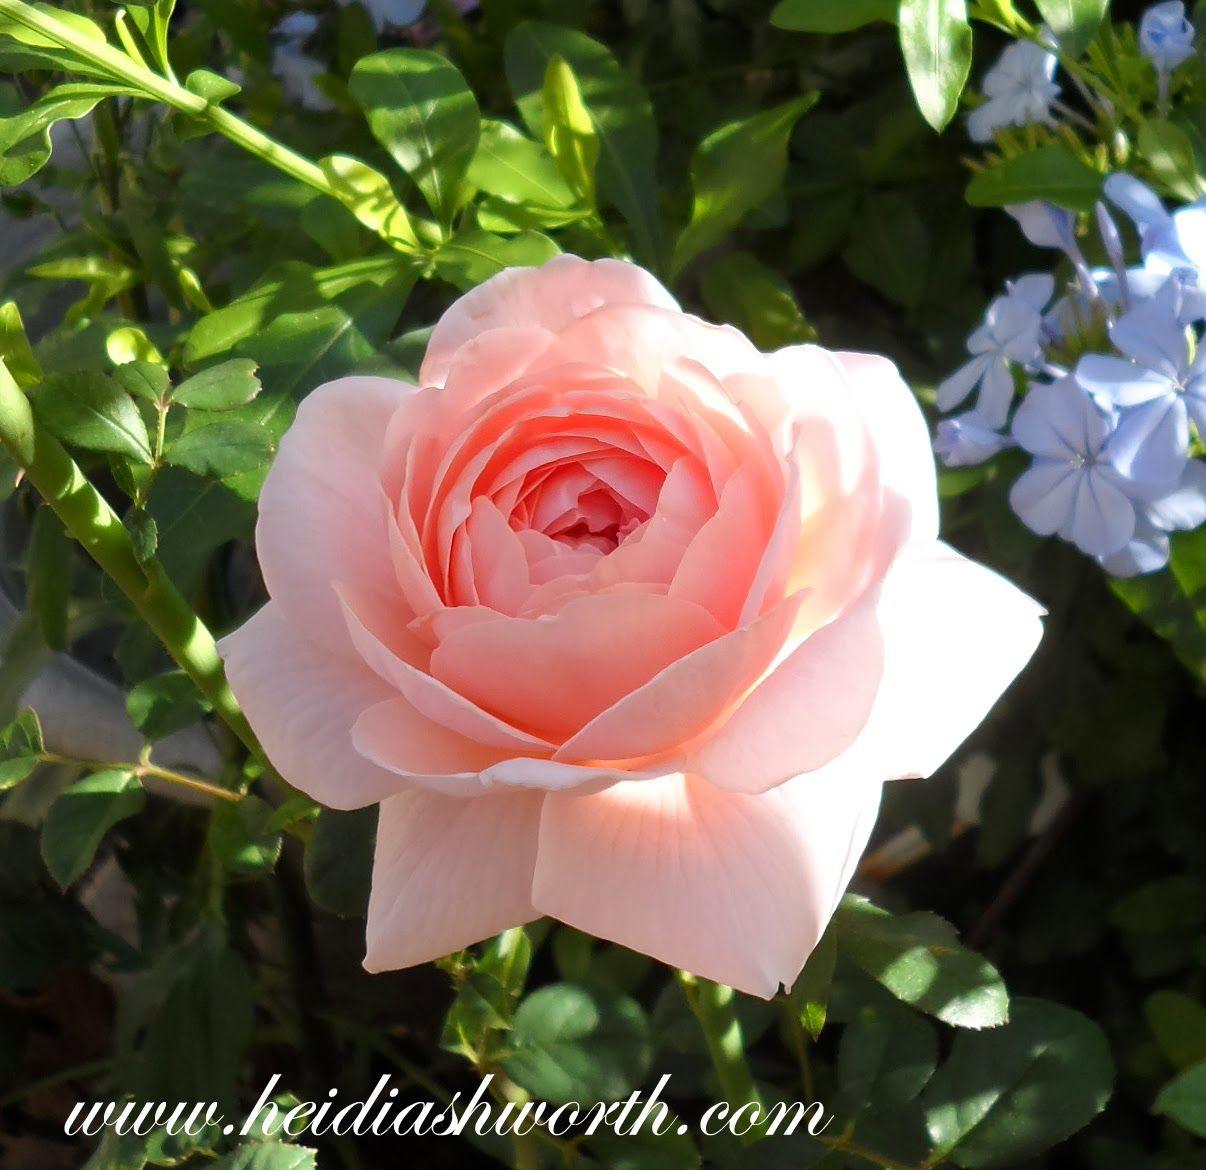 Queen Of Sweden David Austin Rose Queen Of Sweden Rose Pretty Flowers David Austin Roses